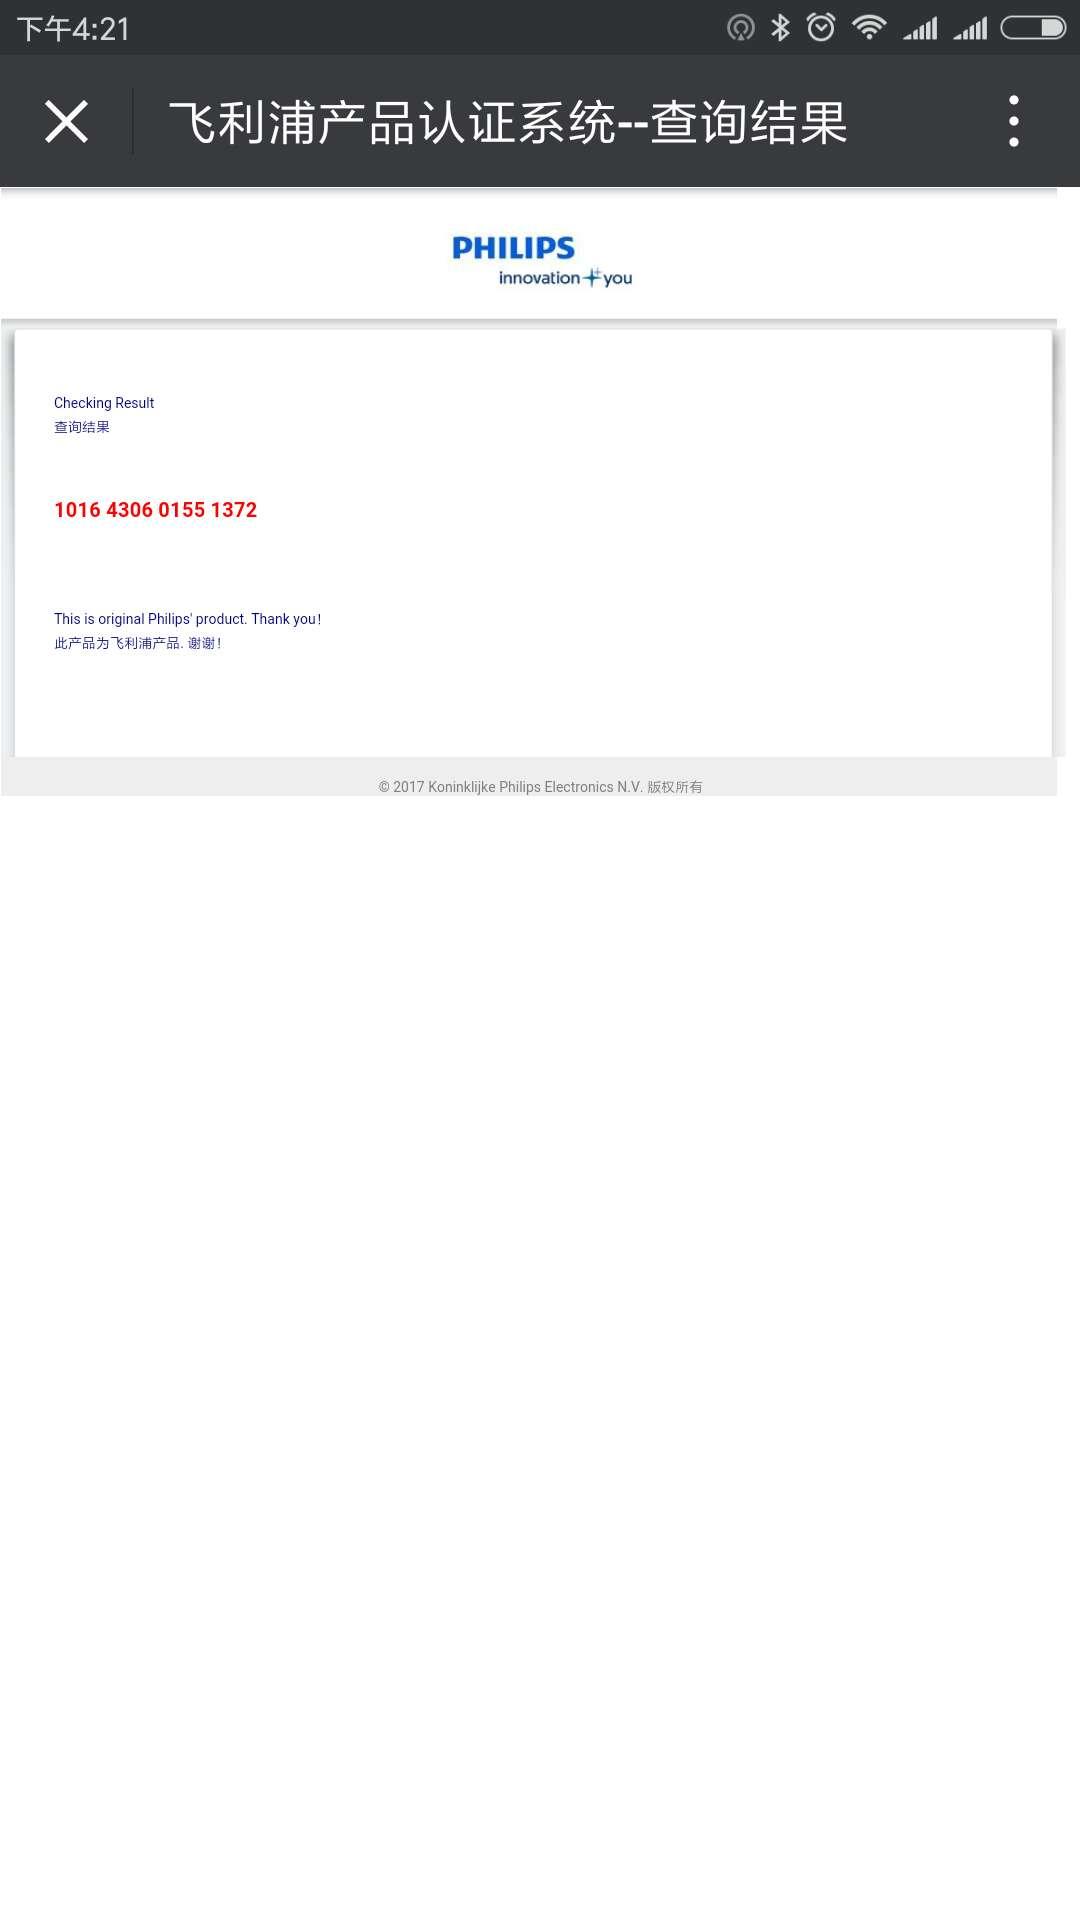 jordan 1 high og bred 2013 00290092 sale